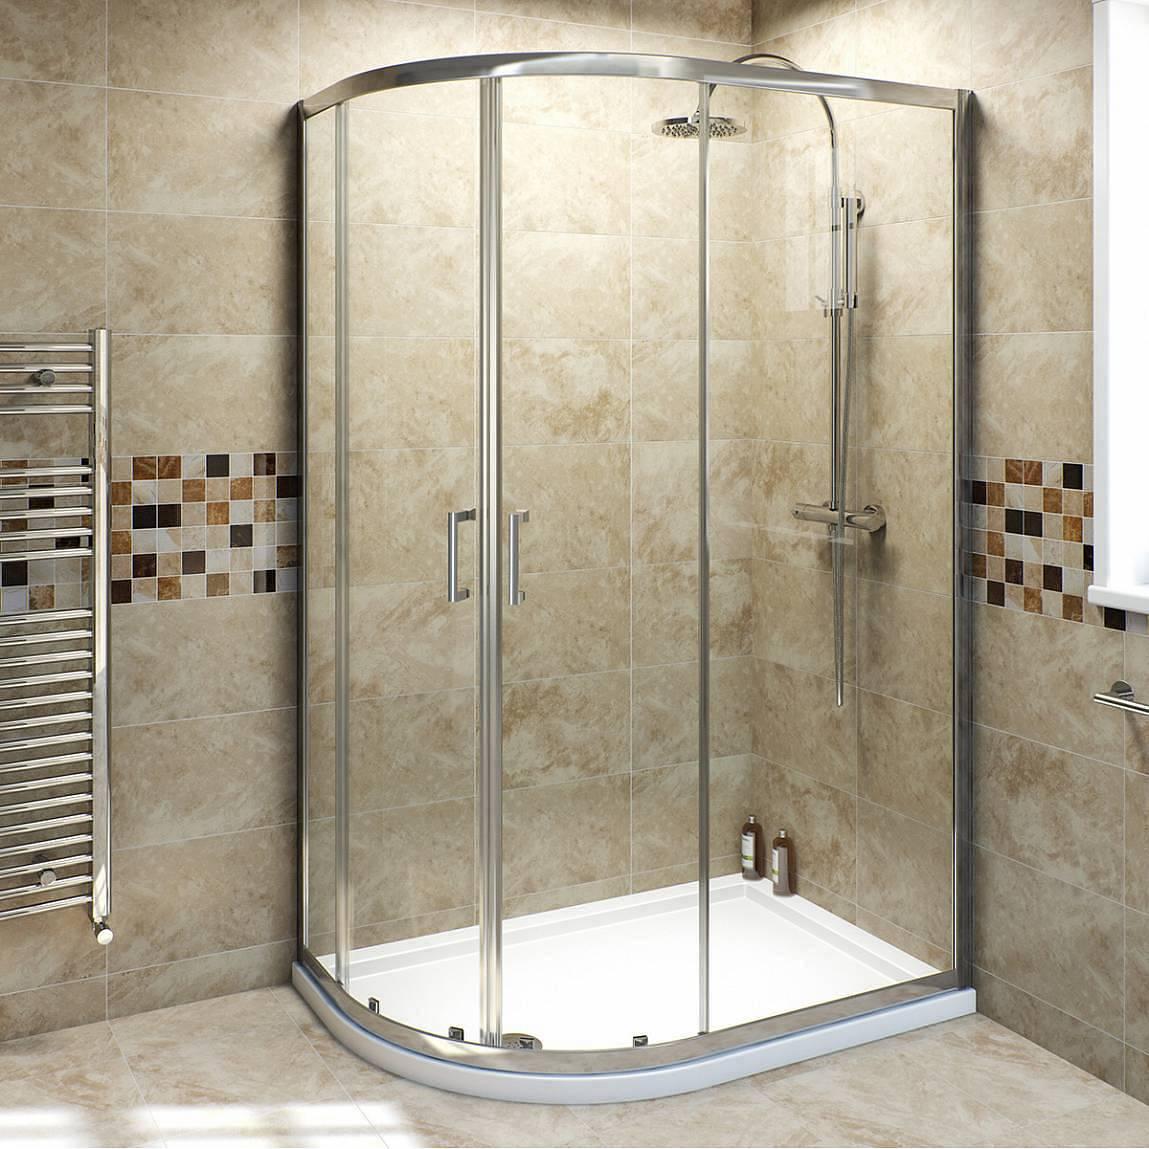 Image of V6 Quadrant Offset Shower Enclosure 1200 x 800